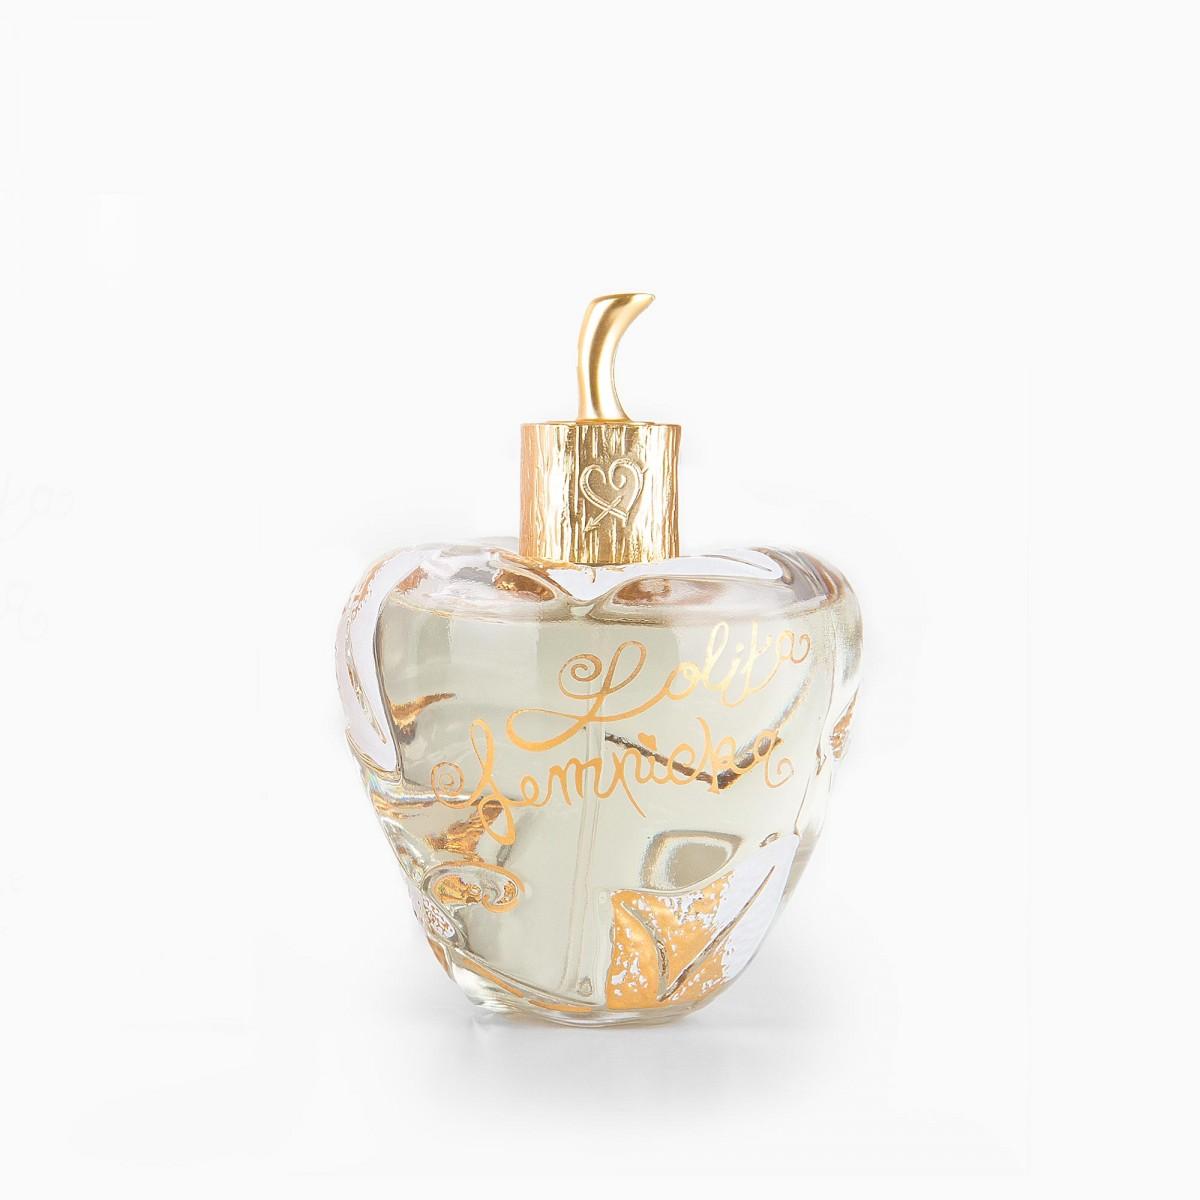 Toilette Jolie 100ml À Prix Parfum Femme Eau L'eau Lempicka De Lolita dQxsCBthr